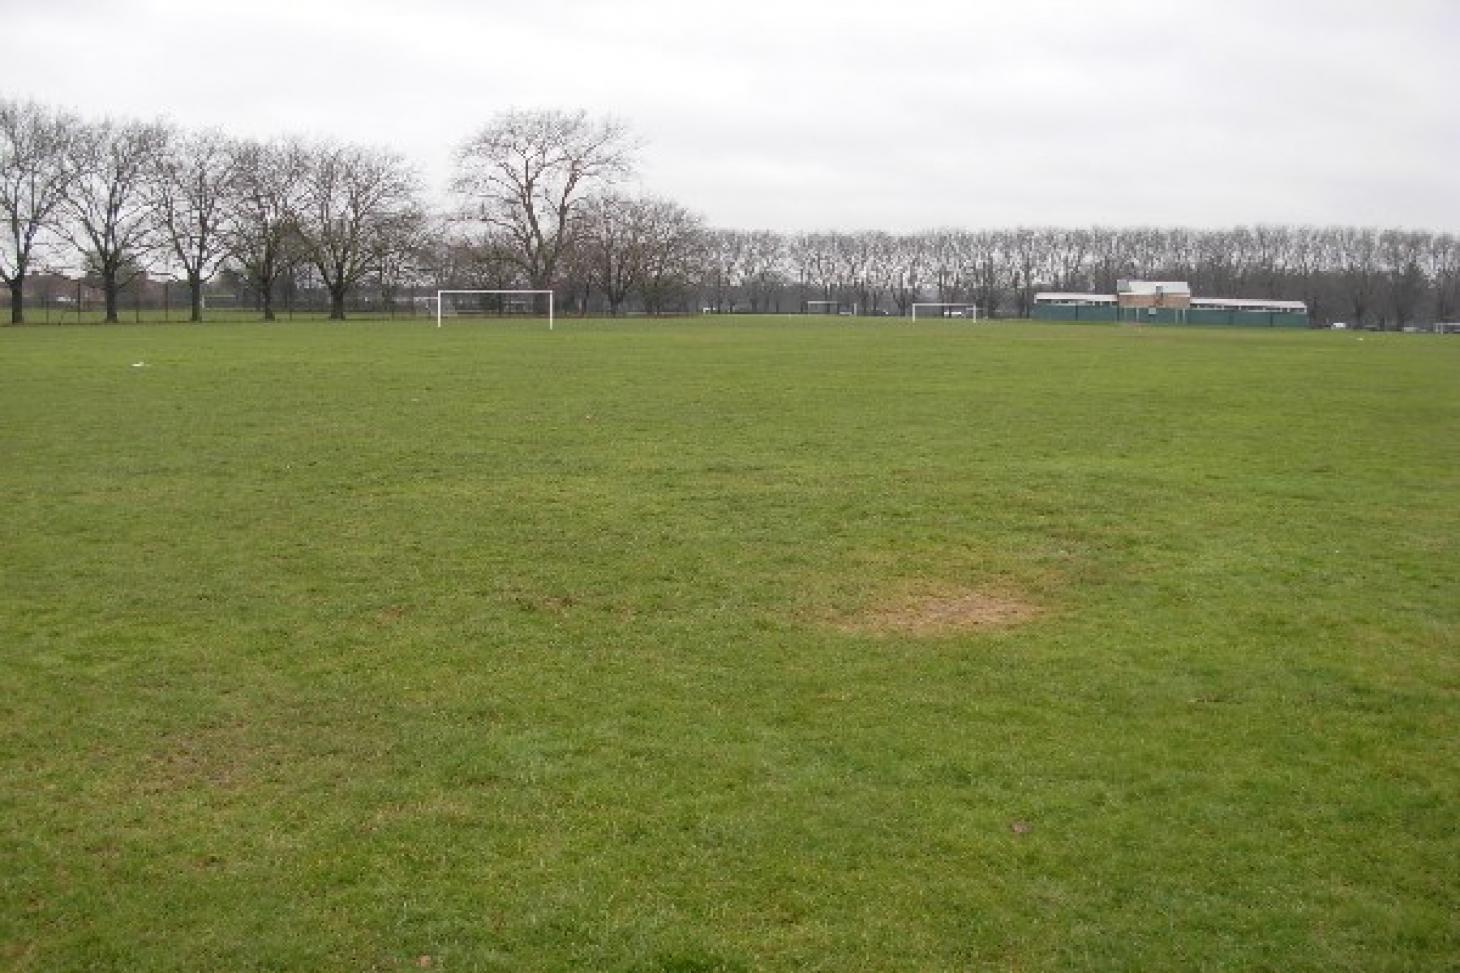 Church Street Recreation Ground 11 a side | Grass football pitch